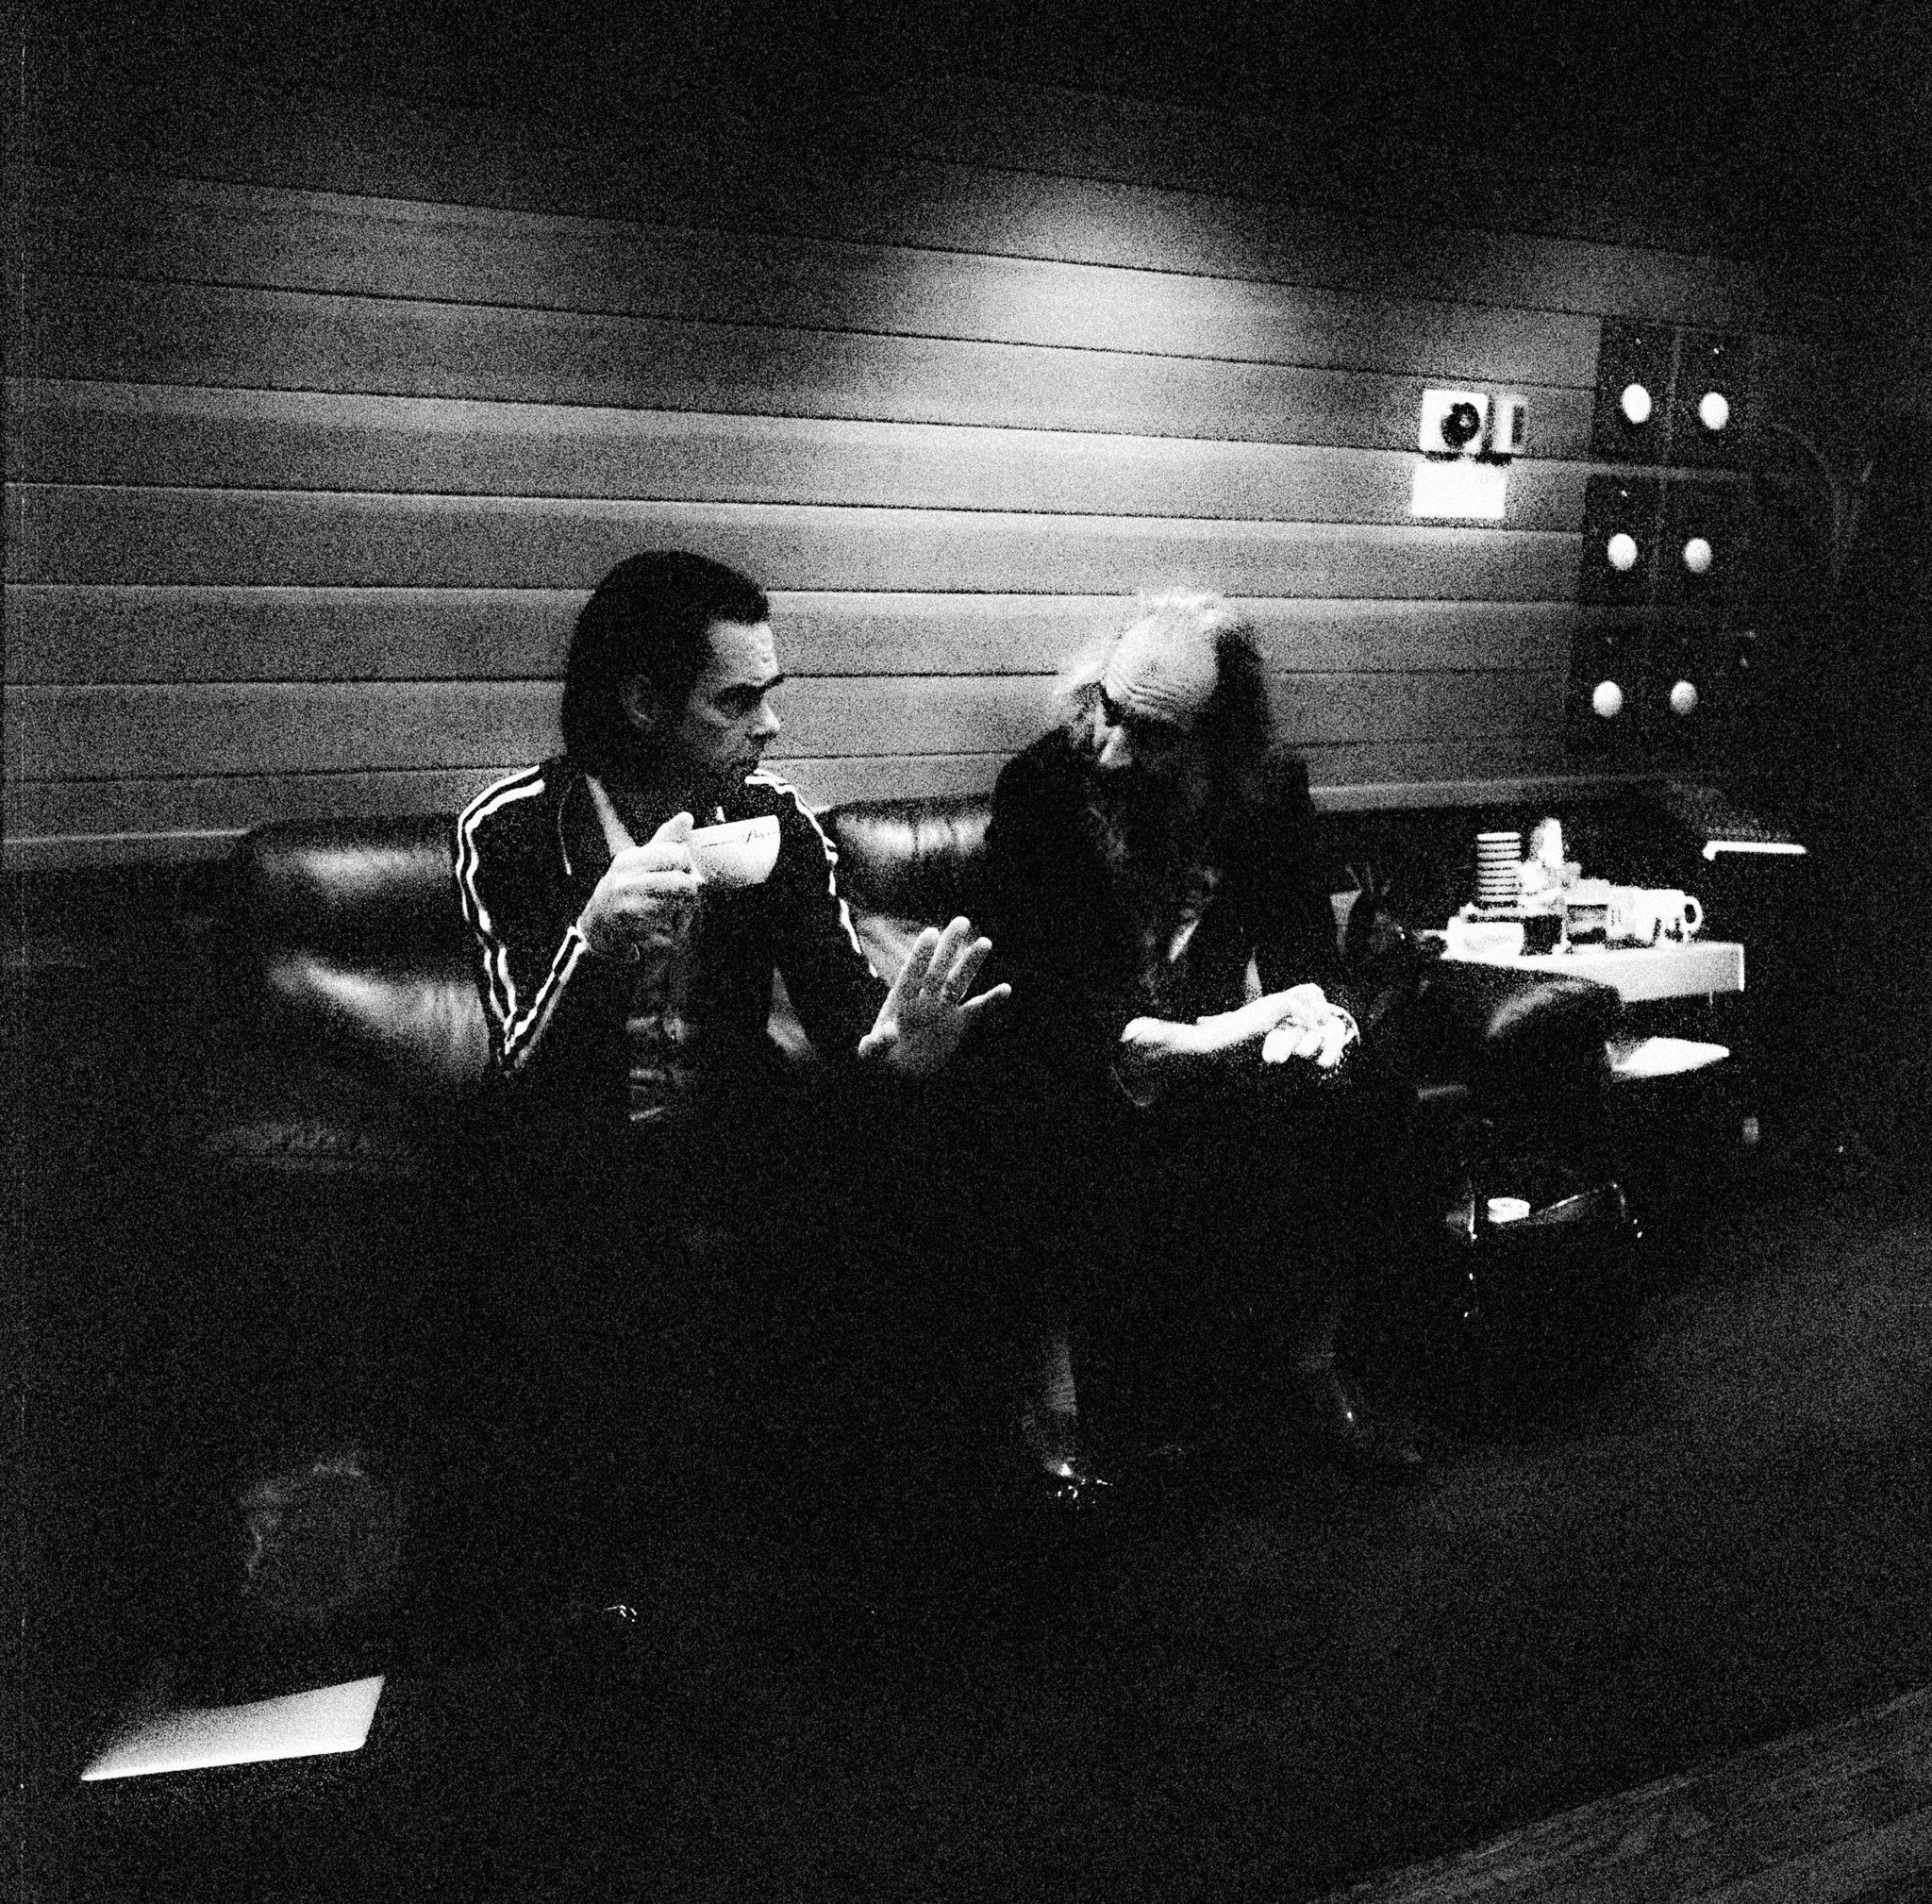 Nick Cave & The Bad Seeds pubblicheranno un doppio album la prossima settimana